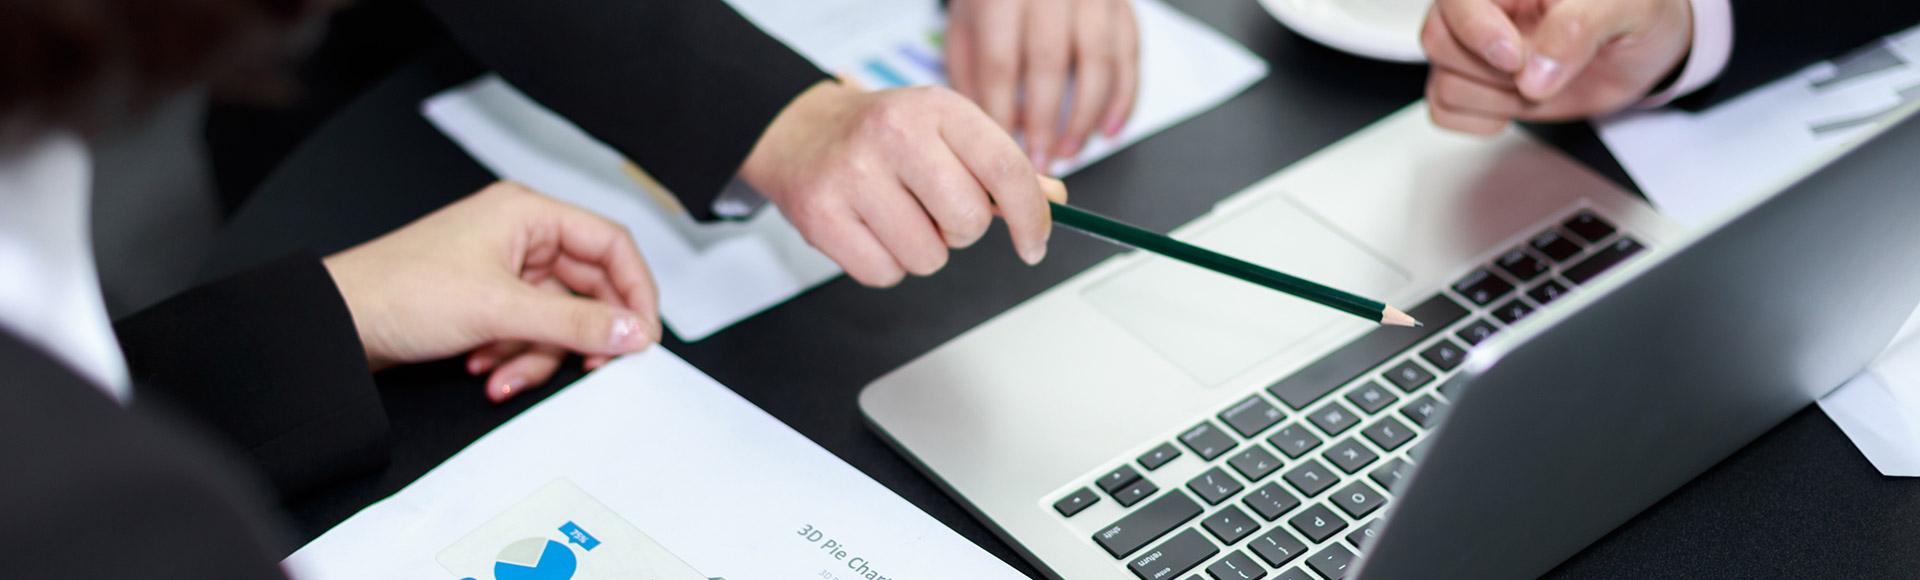 深圳系統平台開發-網站建設服務